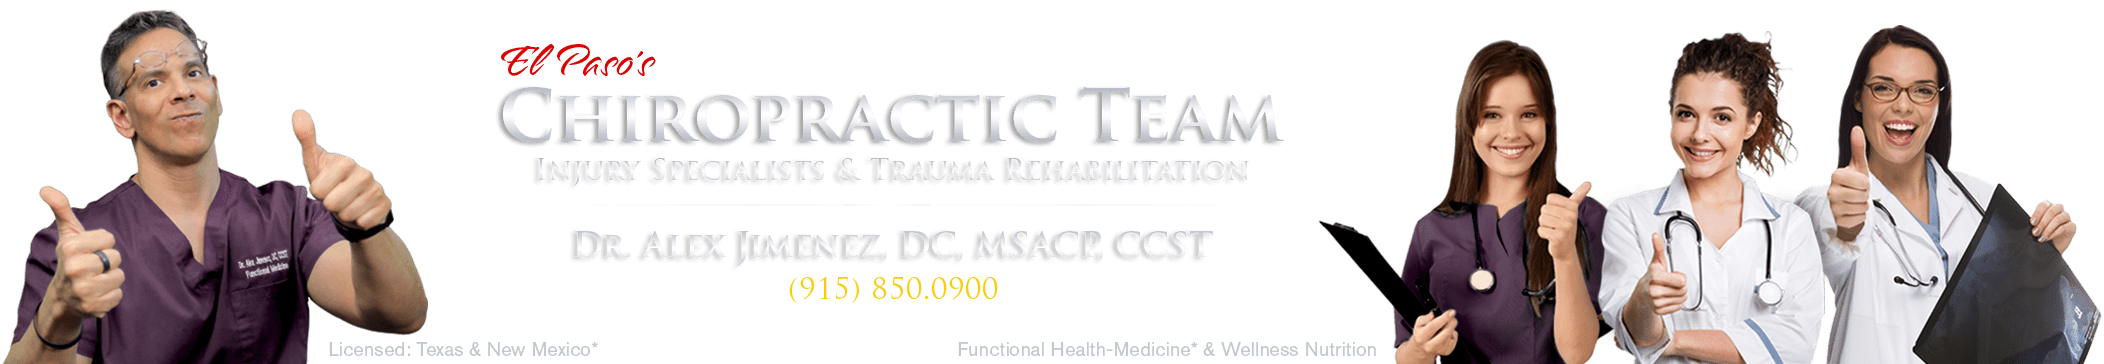 La prima clinica chiropratica di El Paso 915-850-0900